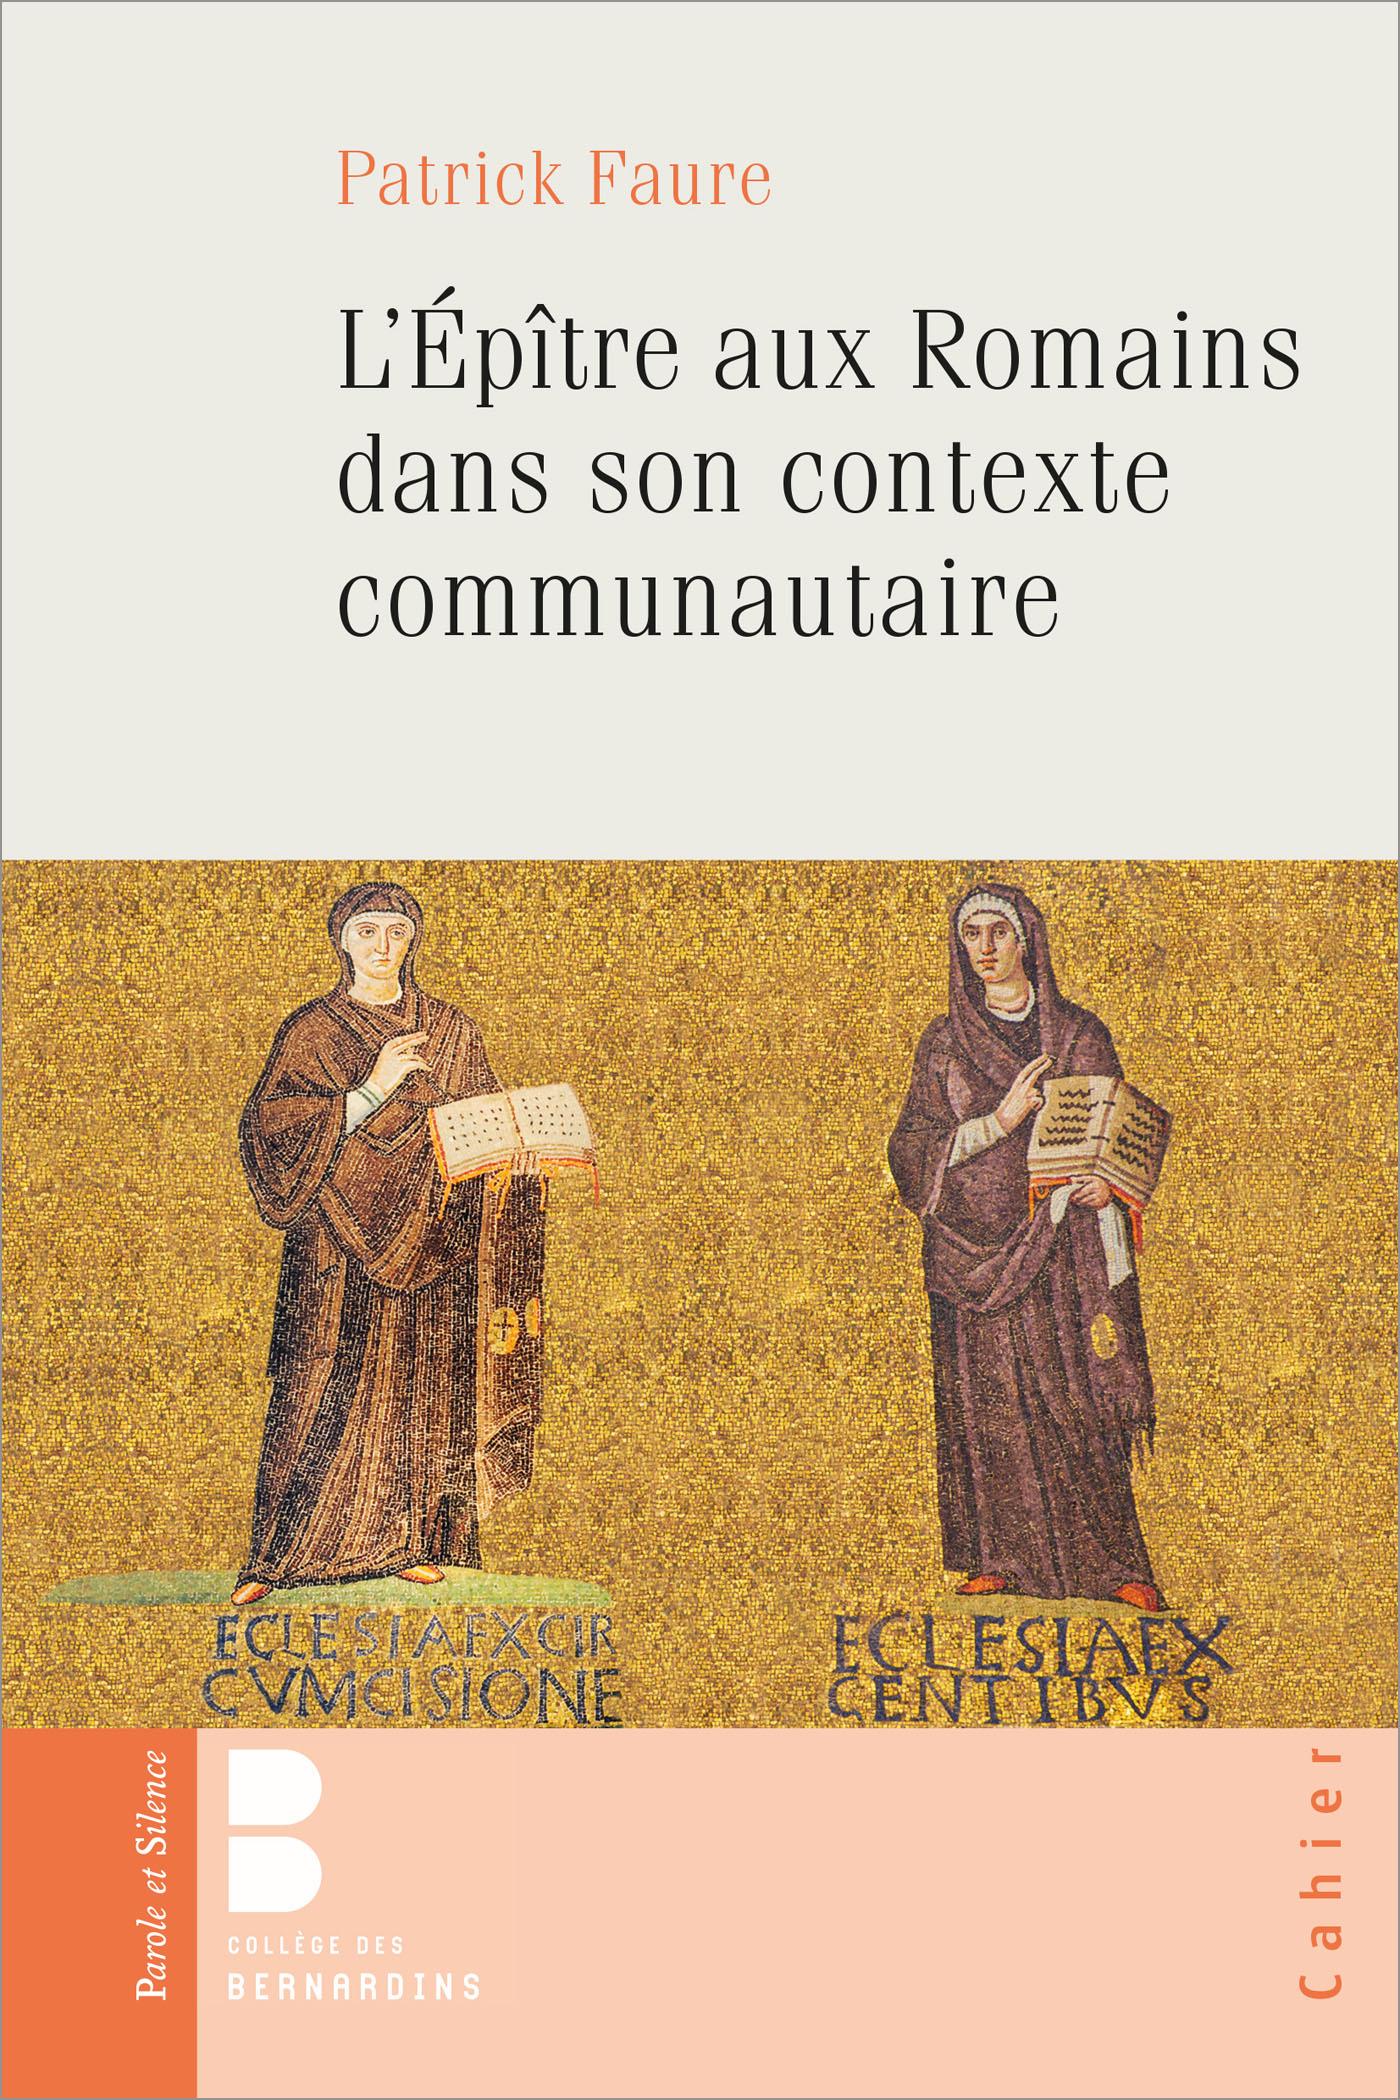 L'Epître aux Romains dans son contexte communautaire